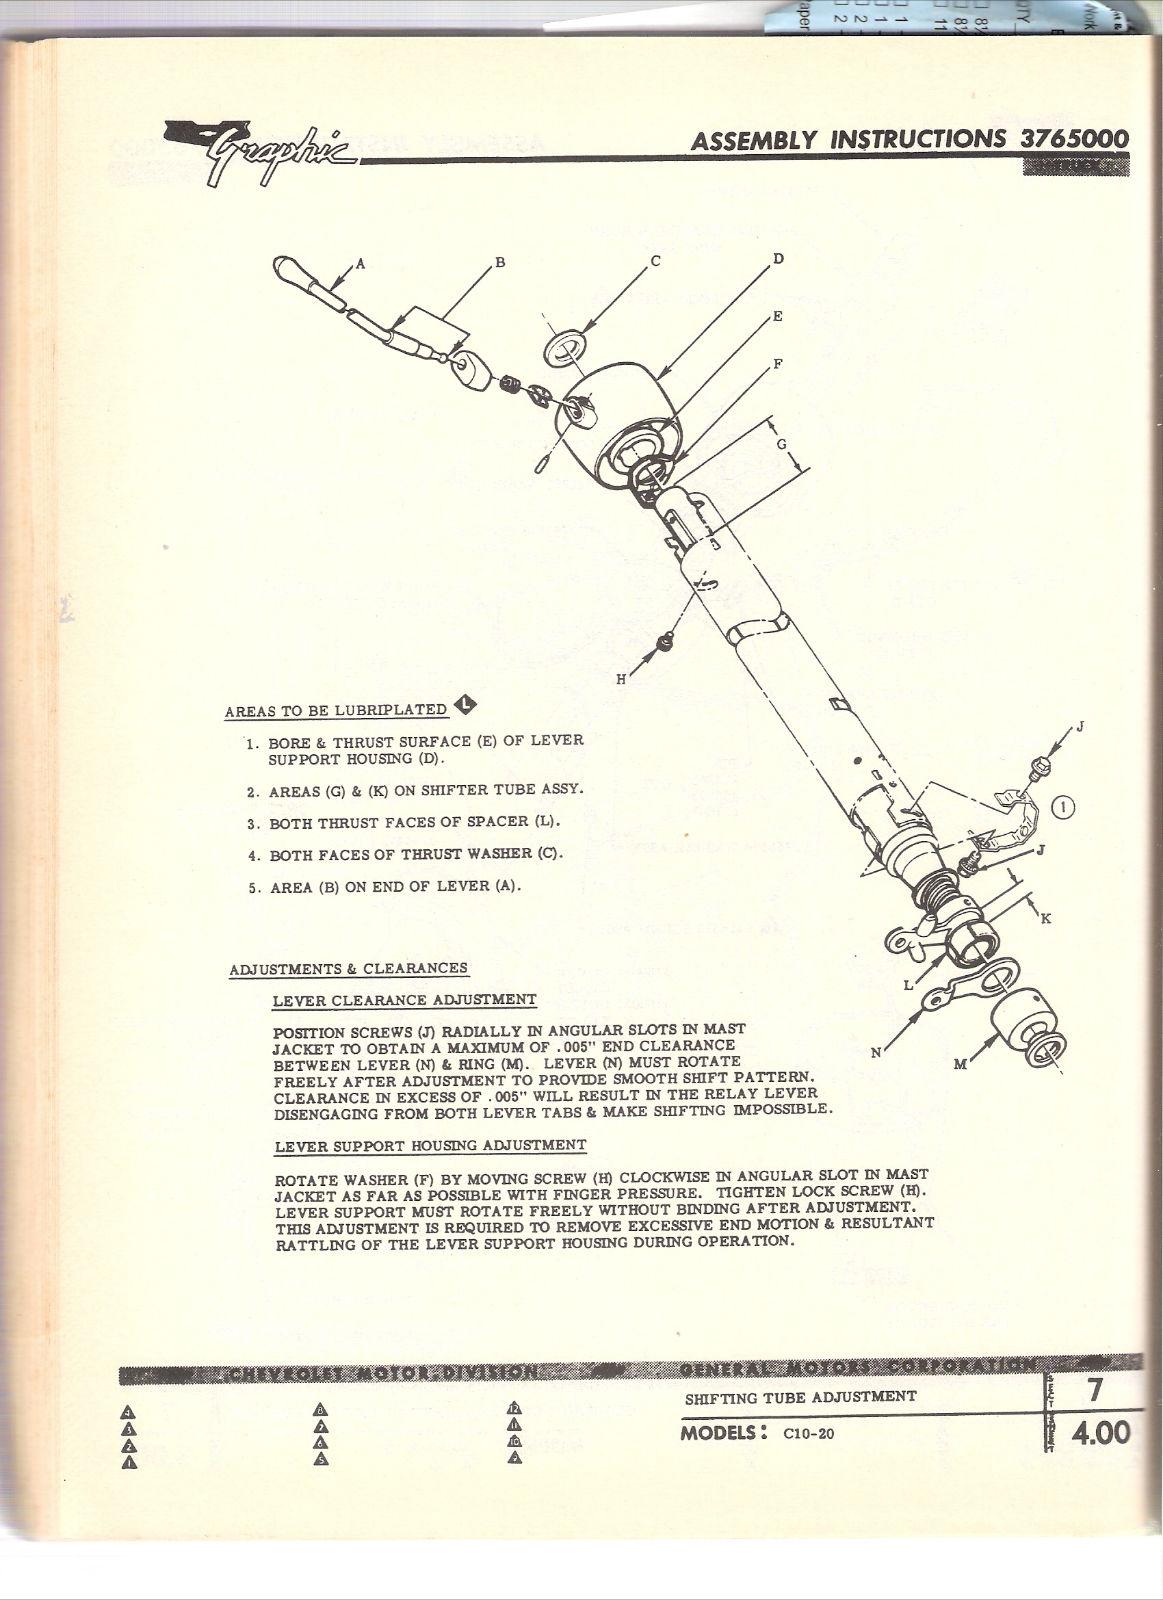 1967 impala wiring diagram 1967 image wiring diagram 1959 chevy impala wiring diagram 1959 auto wiring diagram schematic on 1967 impala wiring diagram